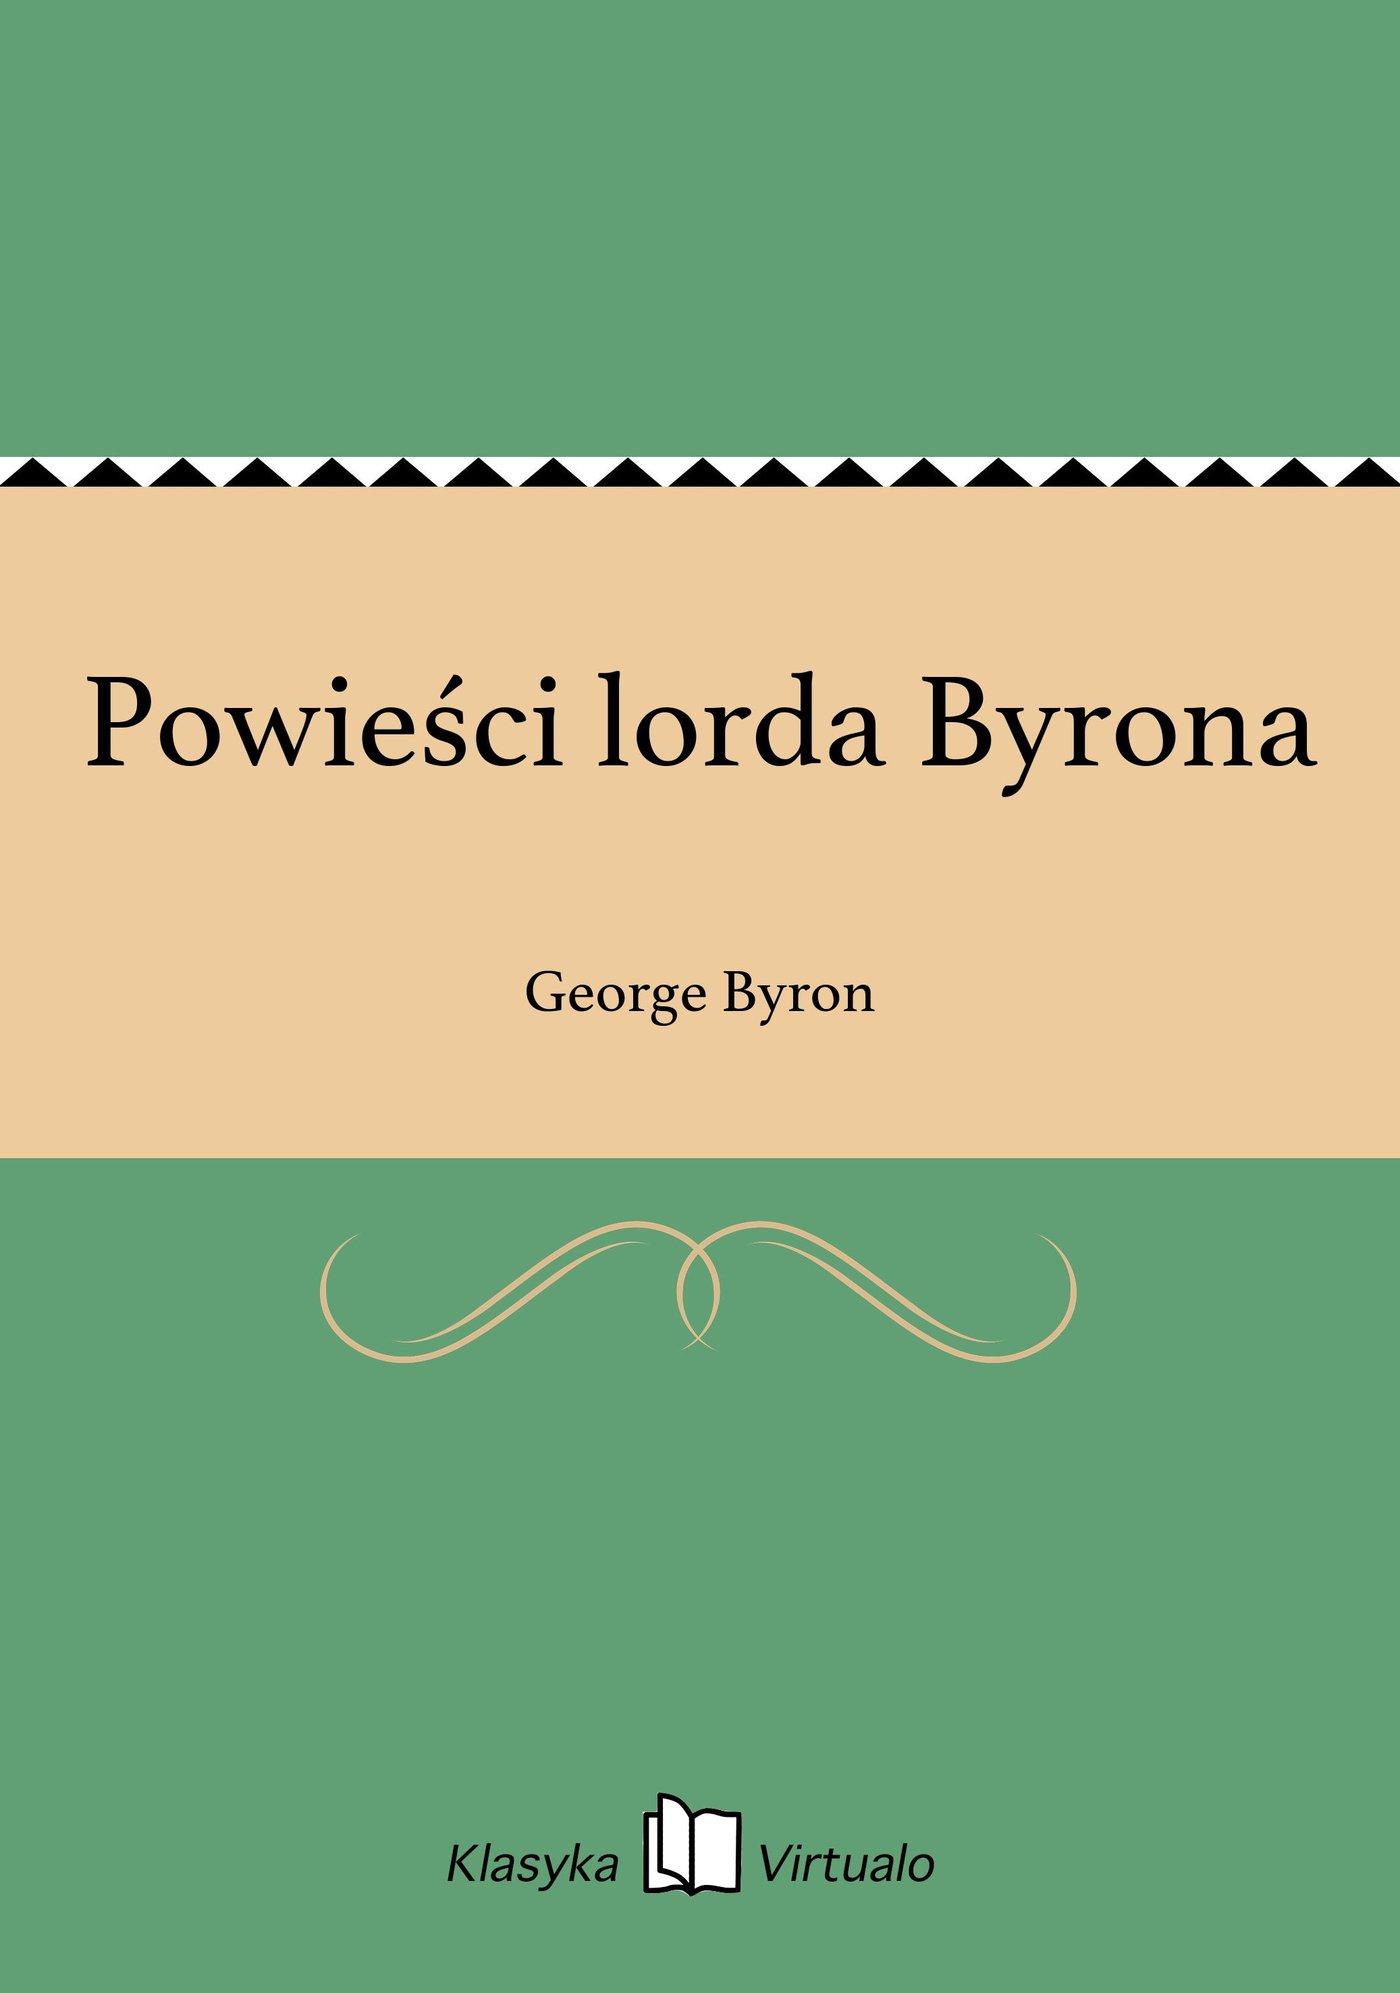 Powieści lorda Byrona - Ebook (Książka EPUB) do pobrania w formacie EPUB